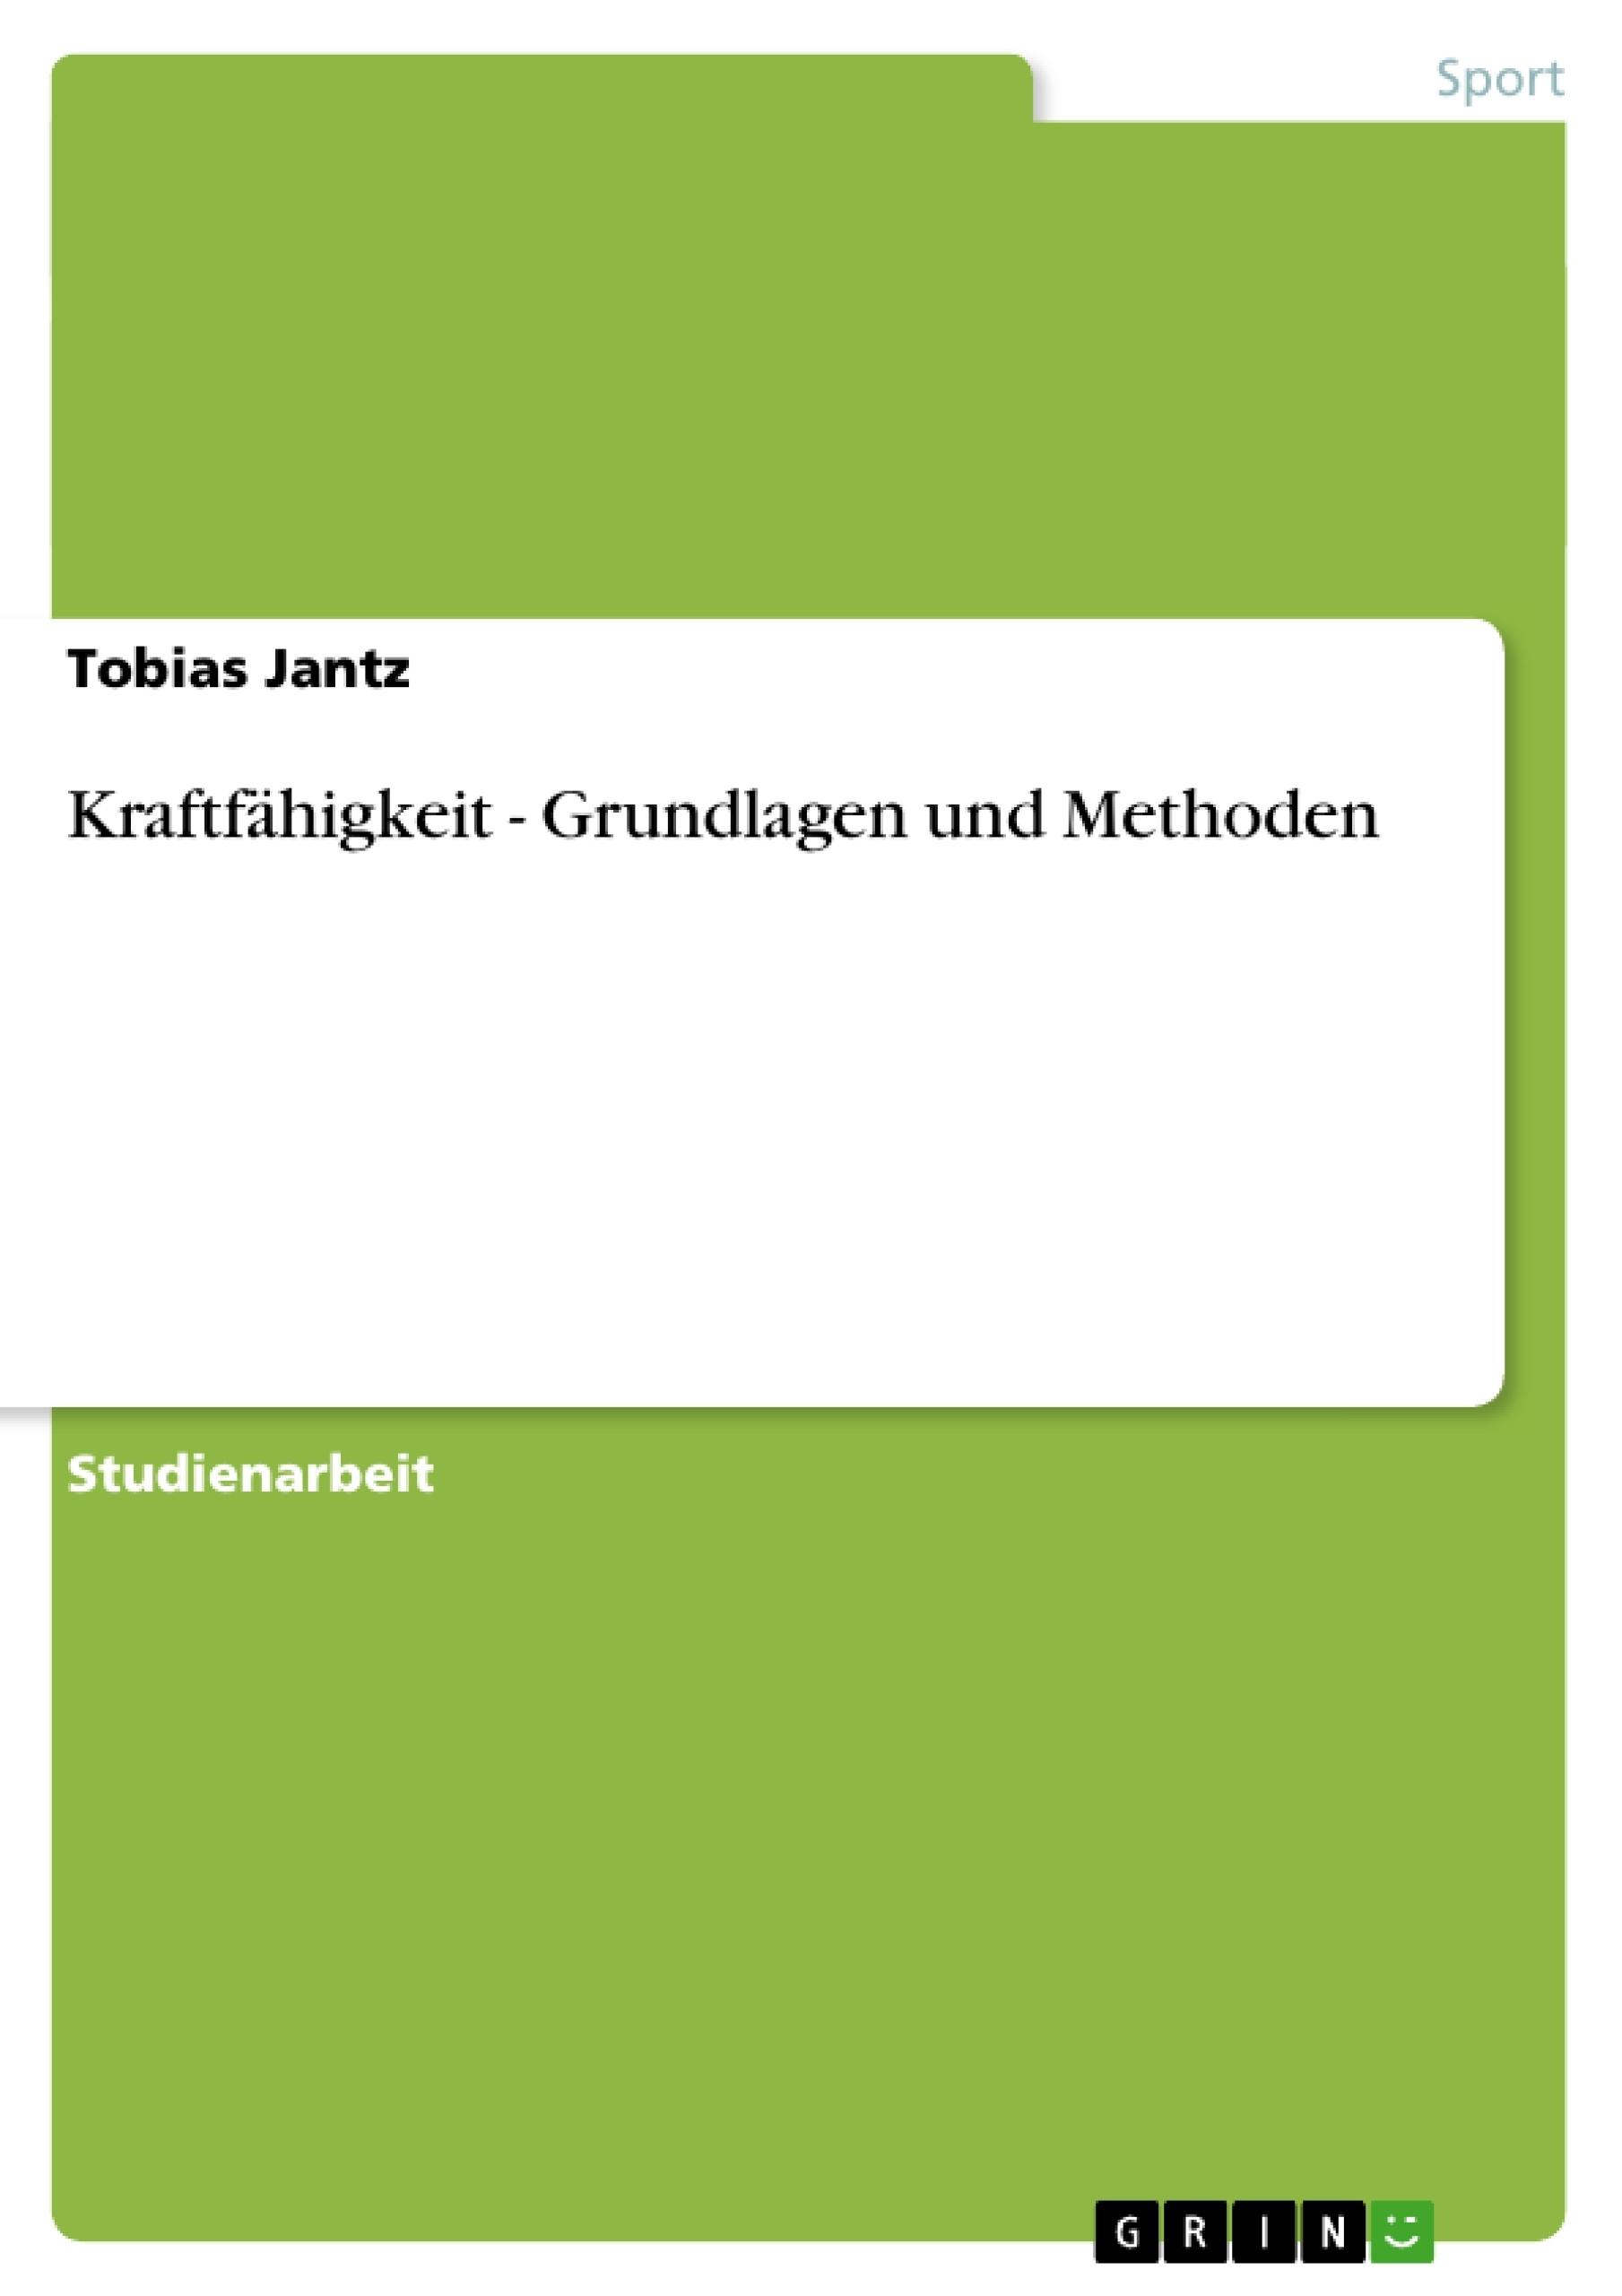 Titel: Kraftfähigkeit - Grundlagen und Methoden